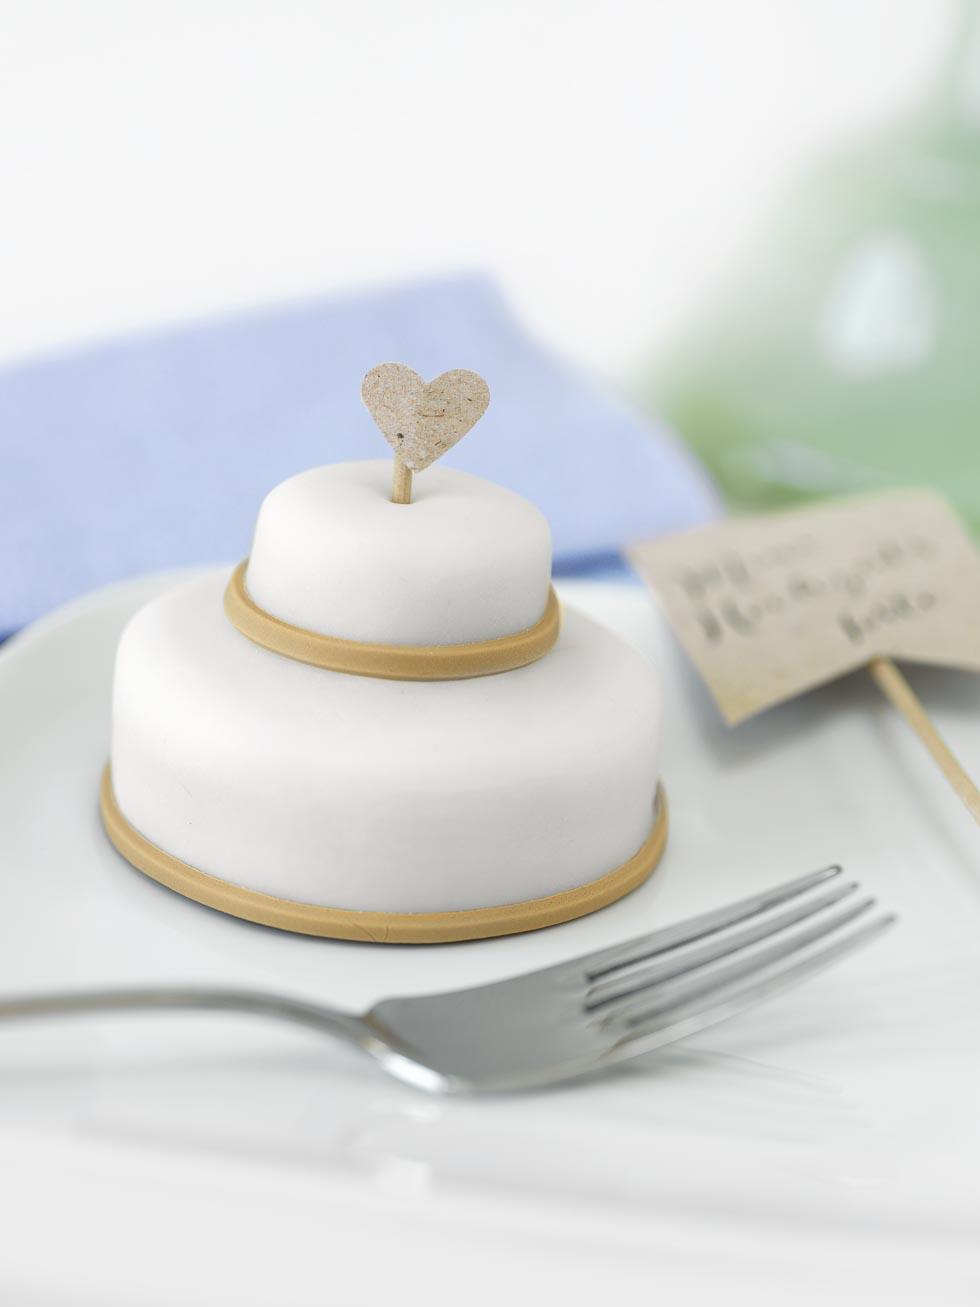 Desserttable Minitorte